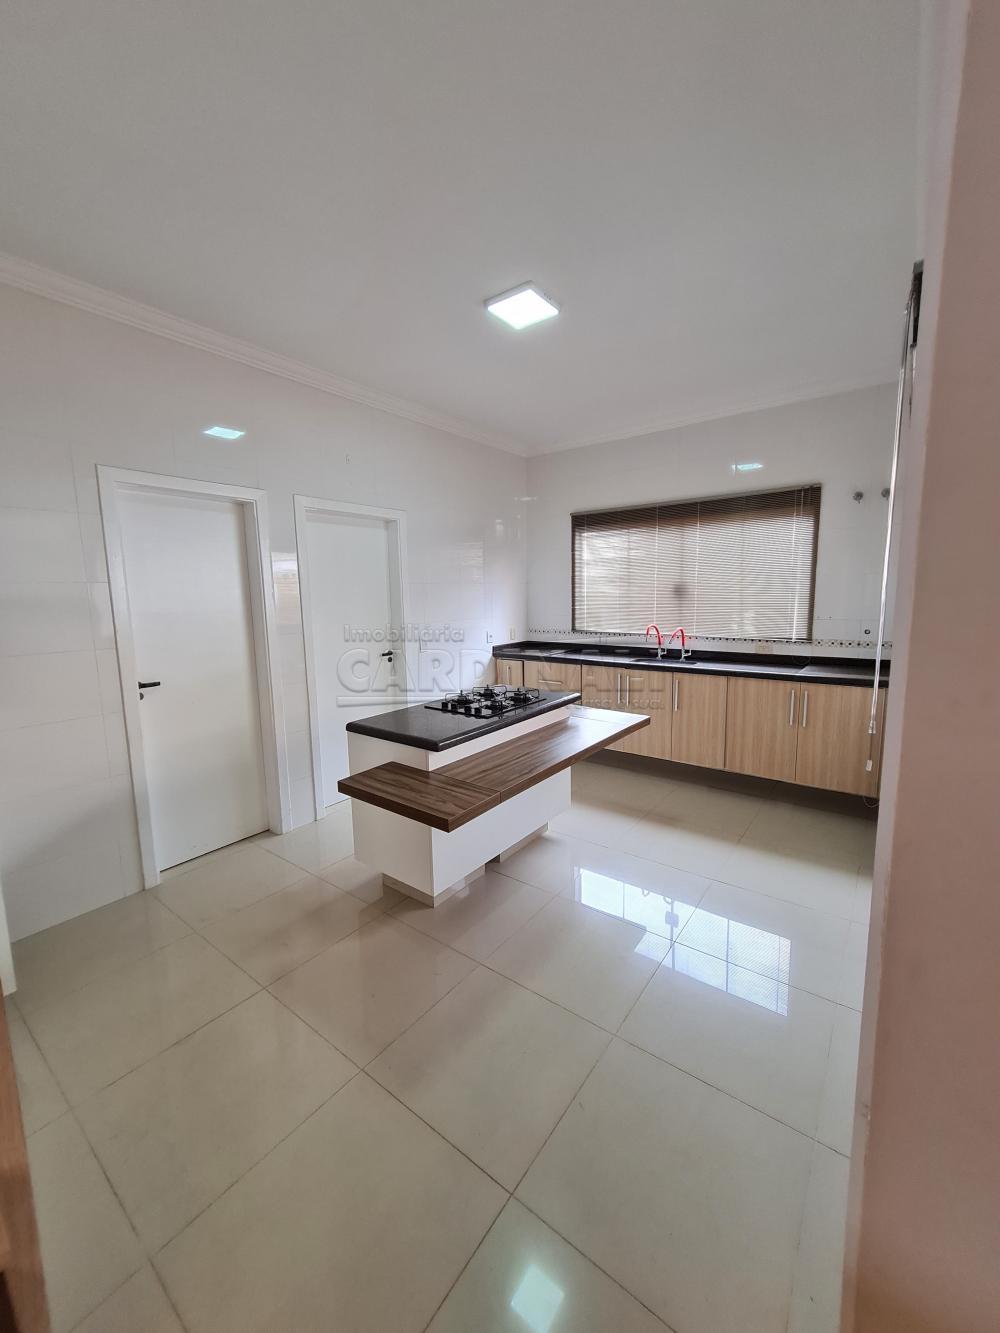 Comprar Casa / Condomínio em São Carlos R$ 865.000,00 - Foto 10